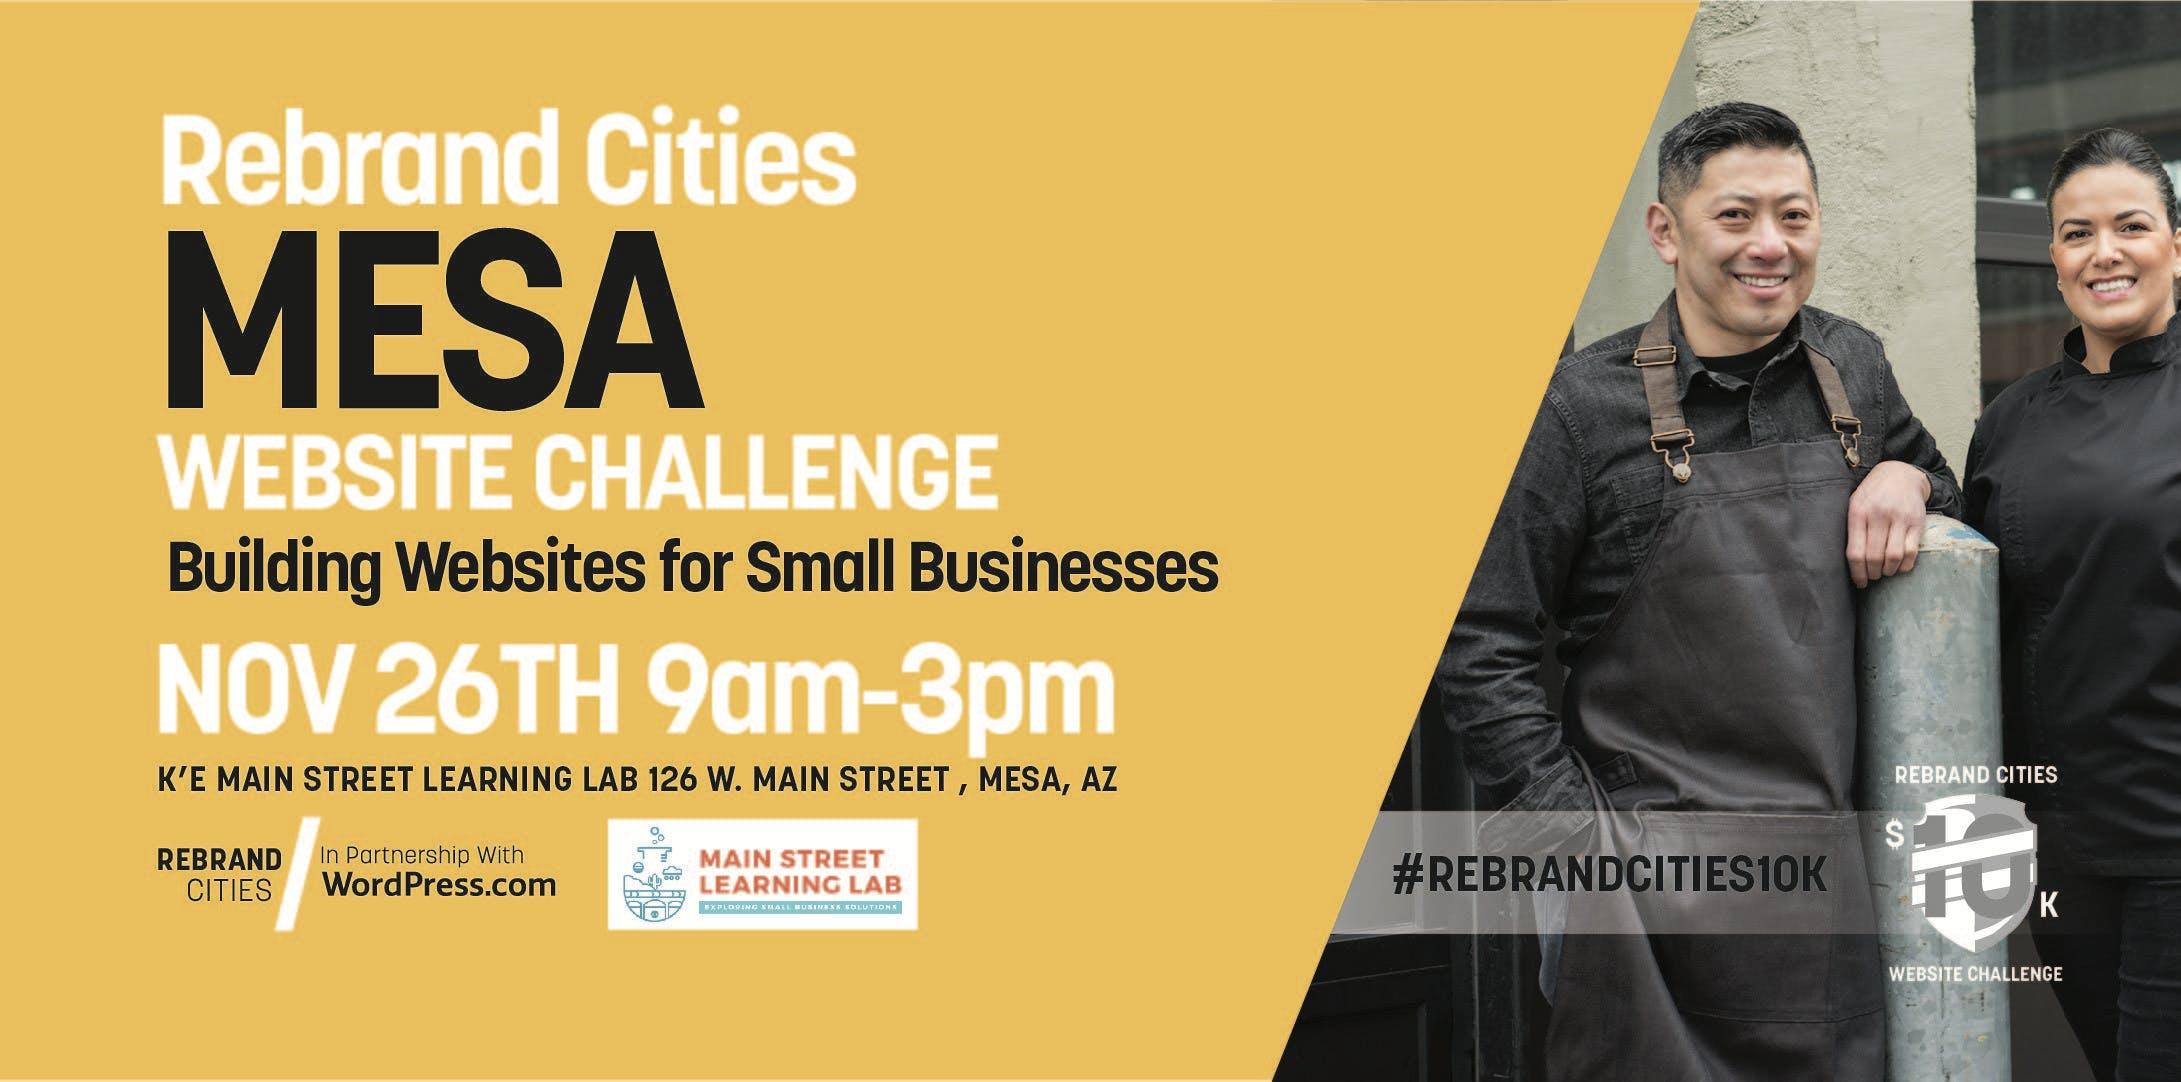 Rebrand Cities - Mesa Website Challenge